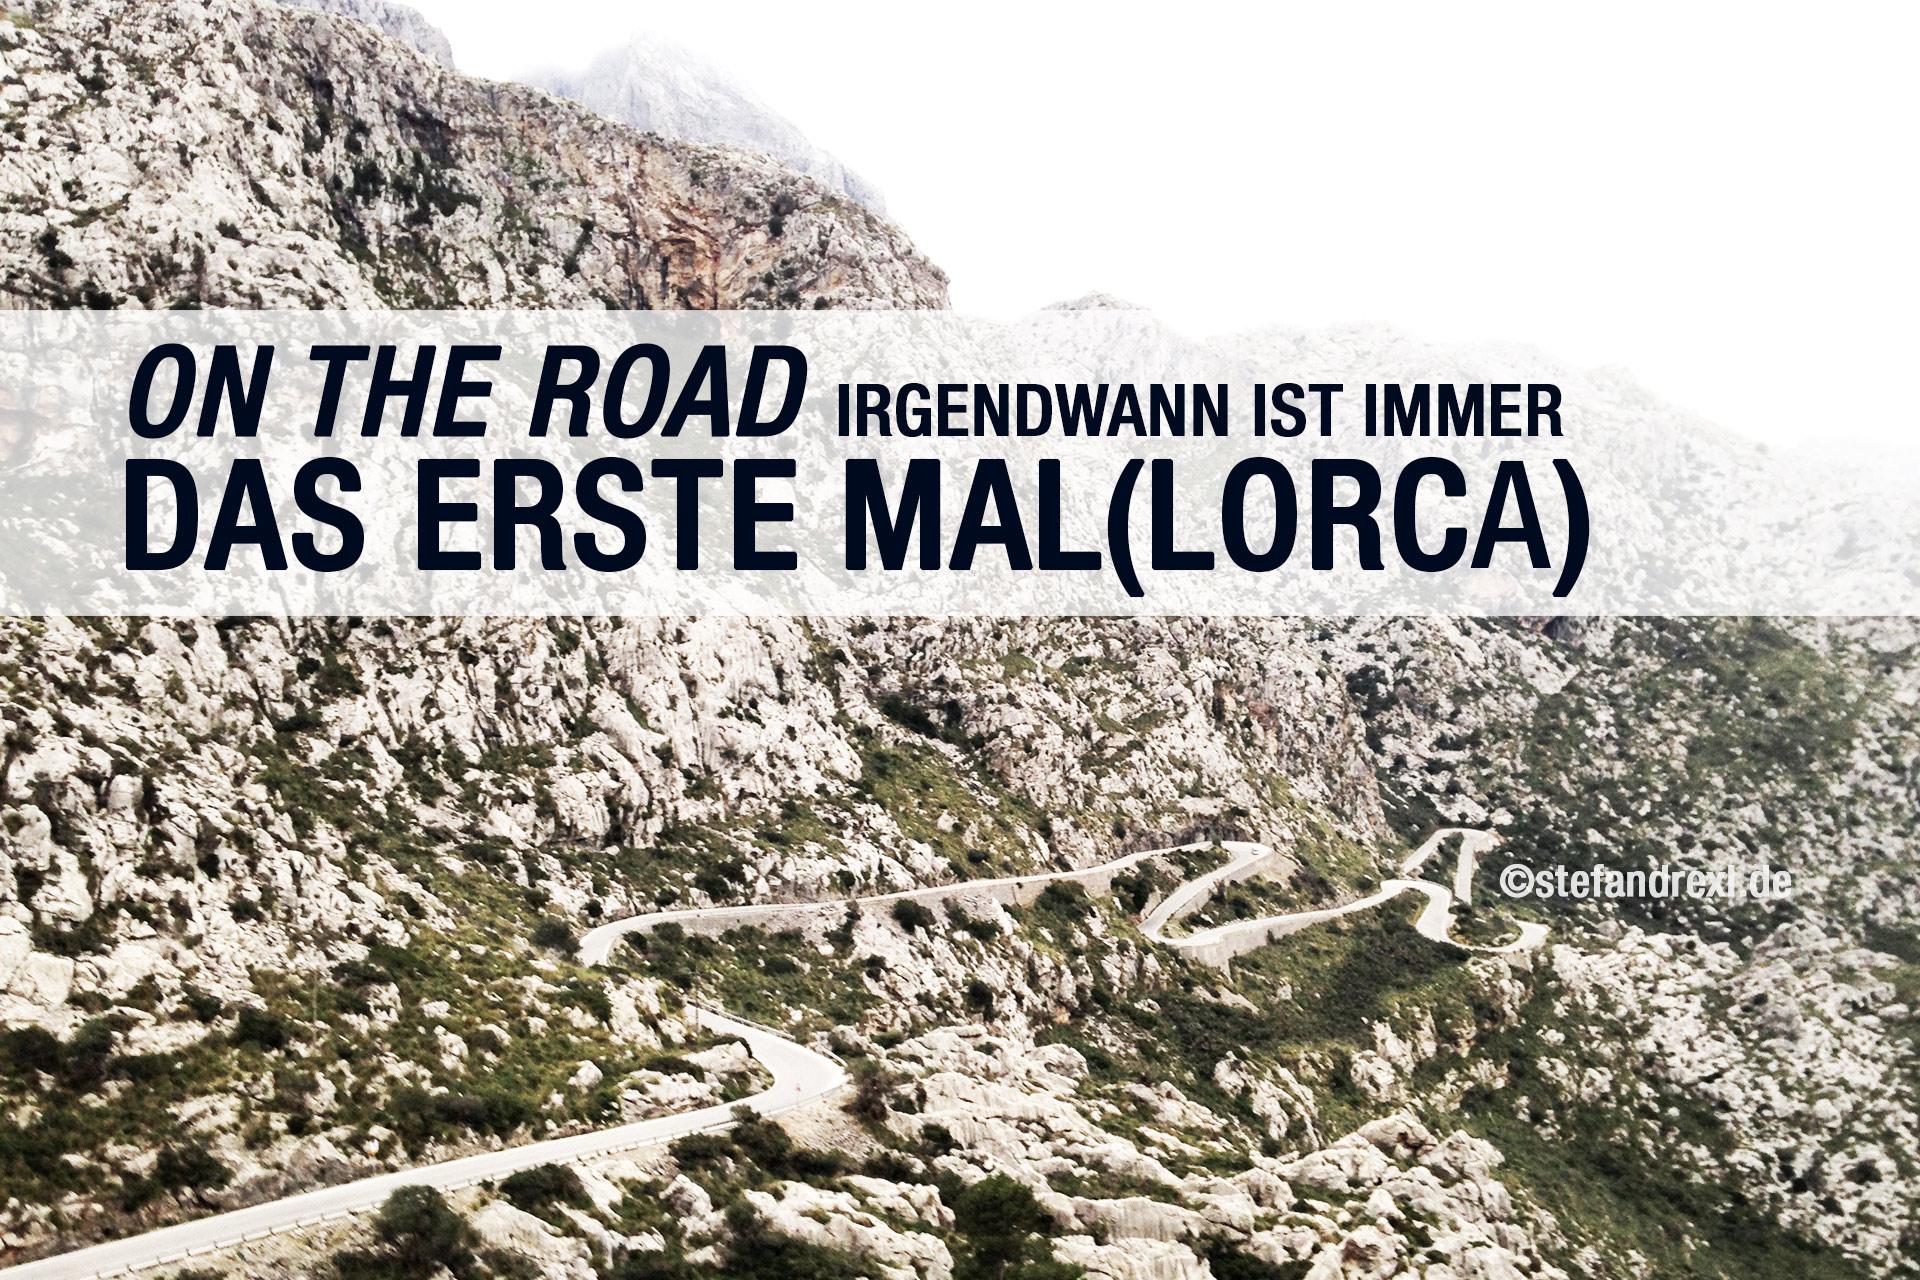 ON THE ROAD: Irgendwann ist immer das erste Mal(lorca) - Puig Major nach Sa Calobra ©stefandrexl.de